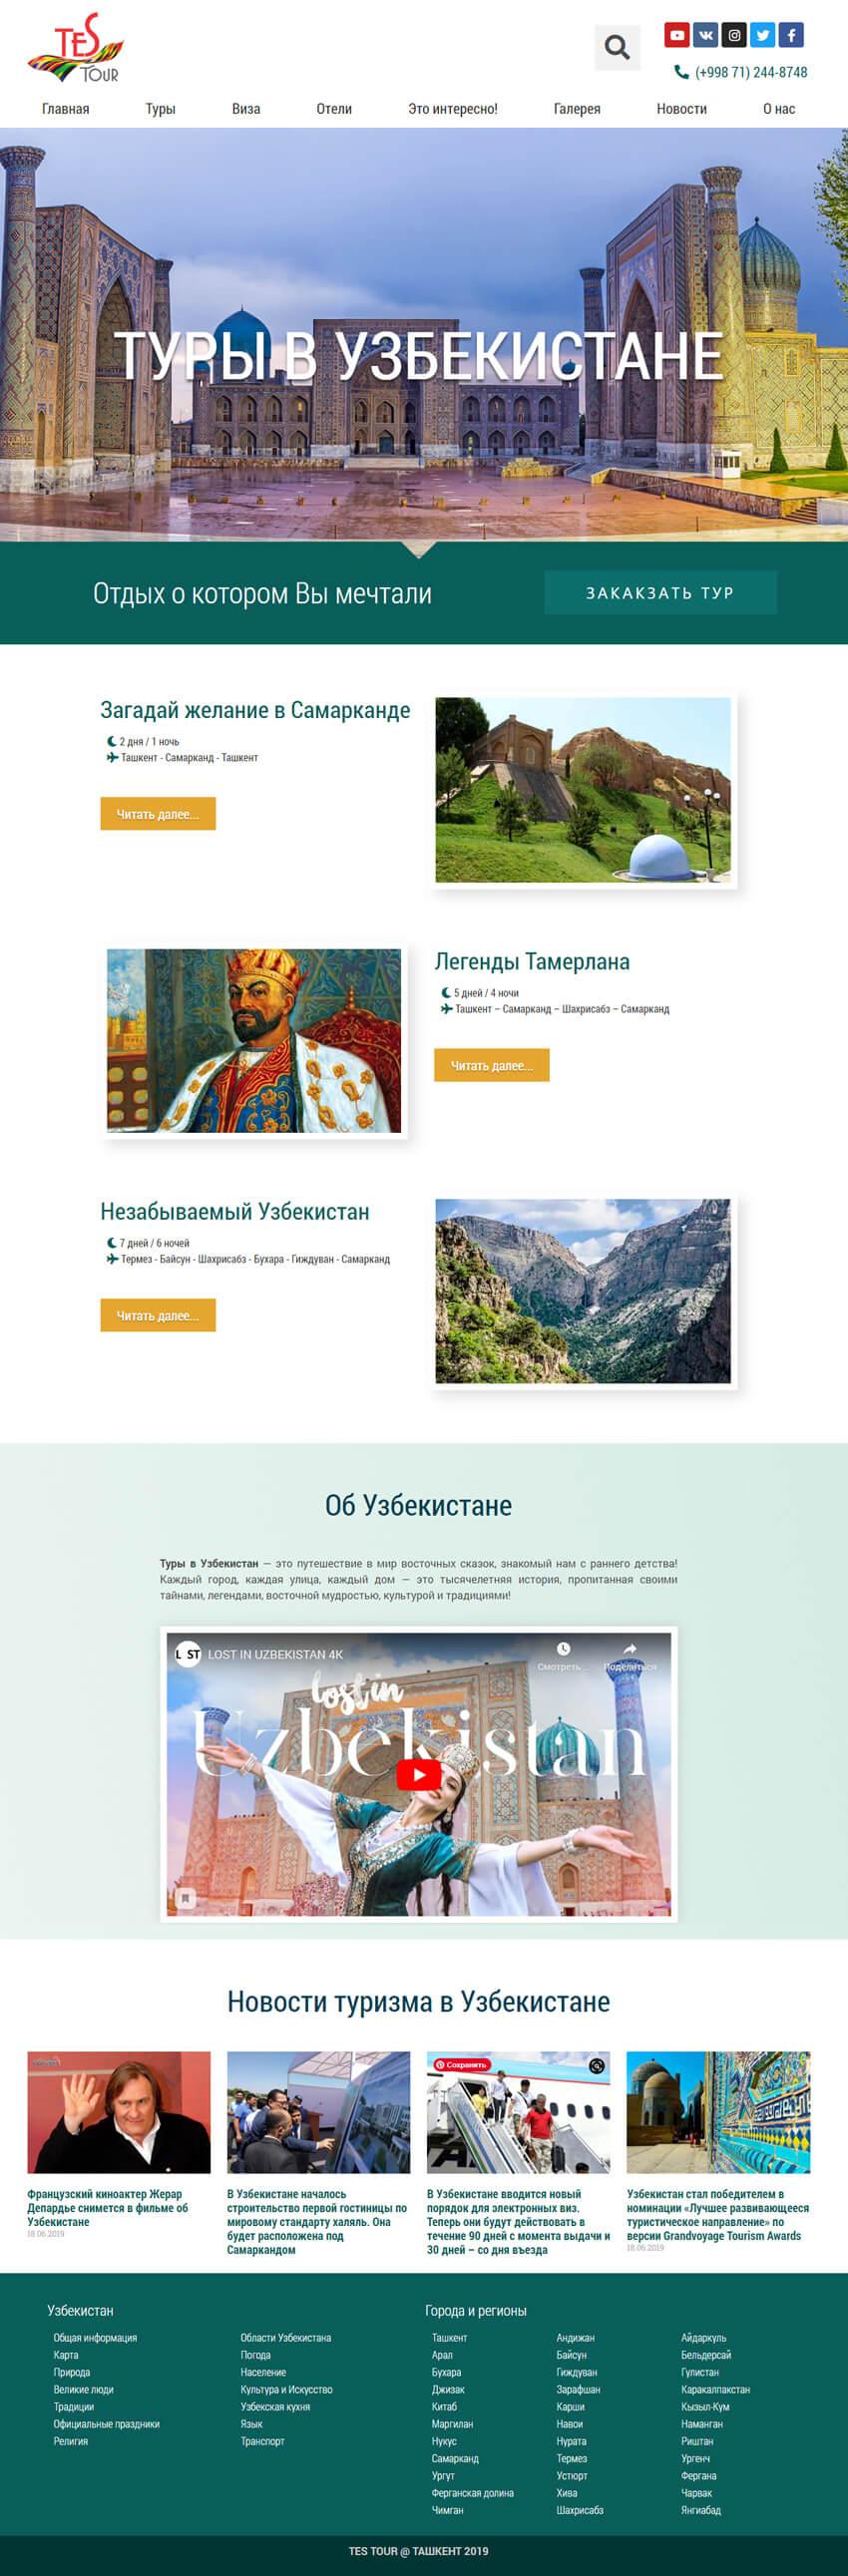 Турагентство TES TOUR Узбекистан